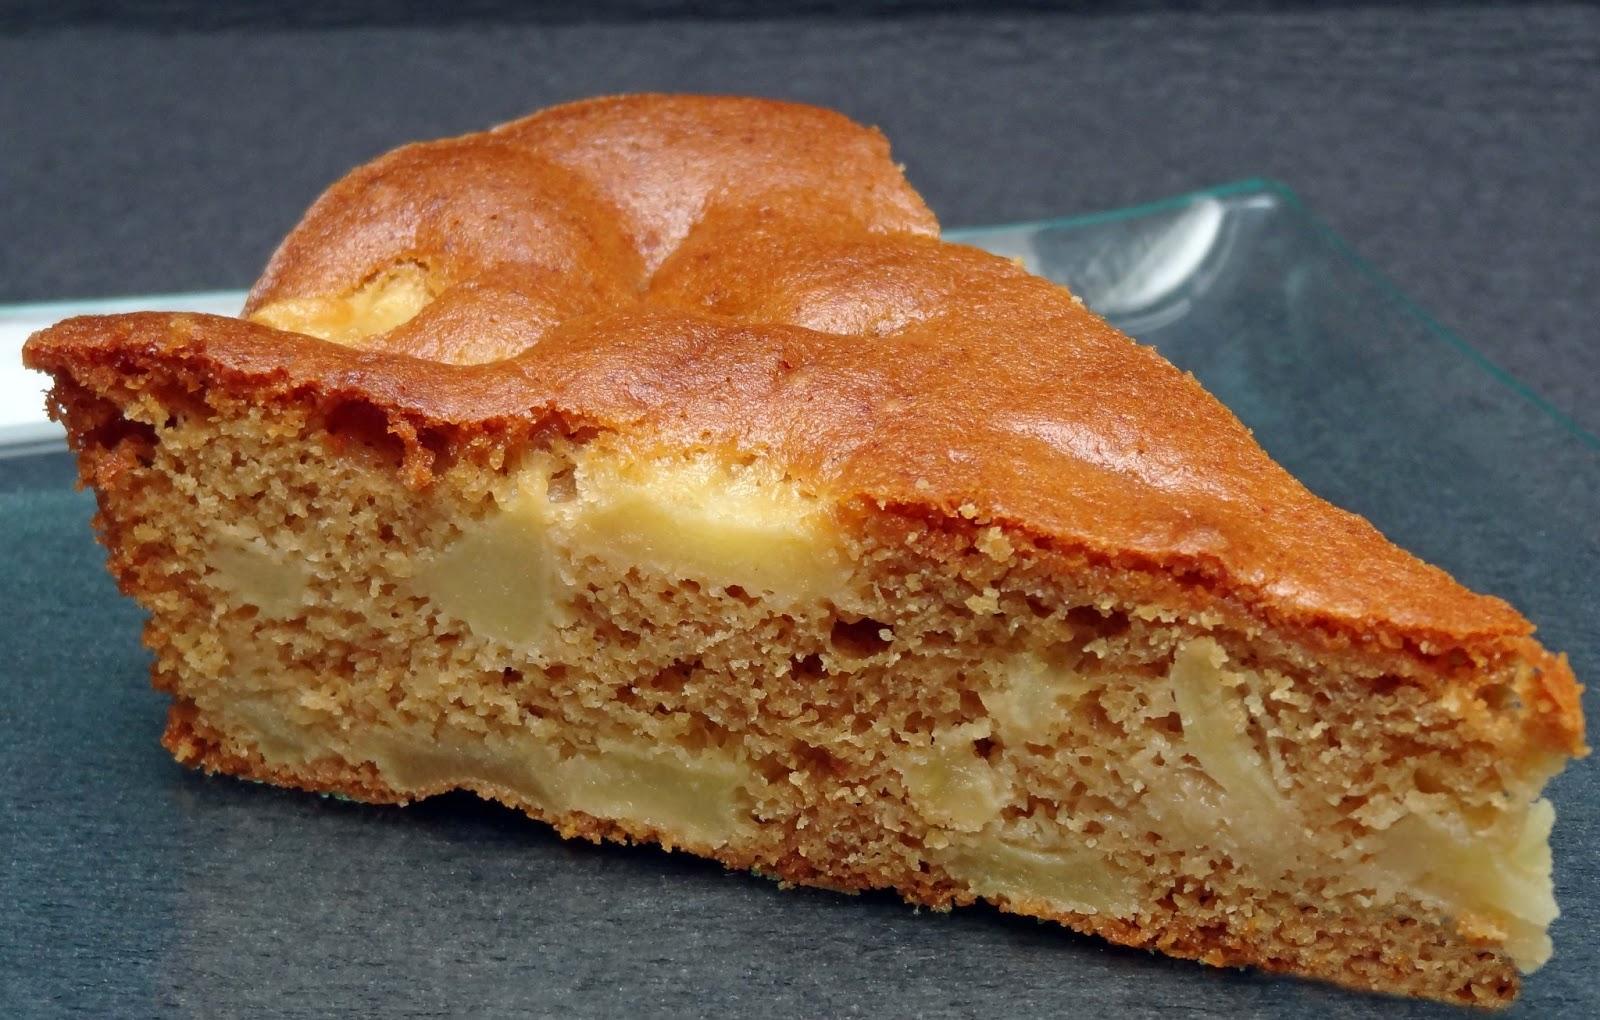 Les pâtisseries de Claudine: Gâteau aux pommes et sirop de Liège